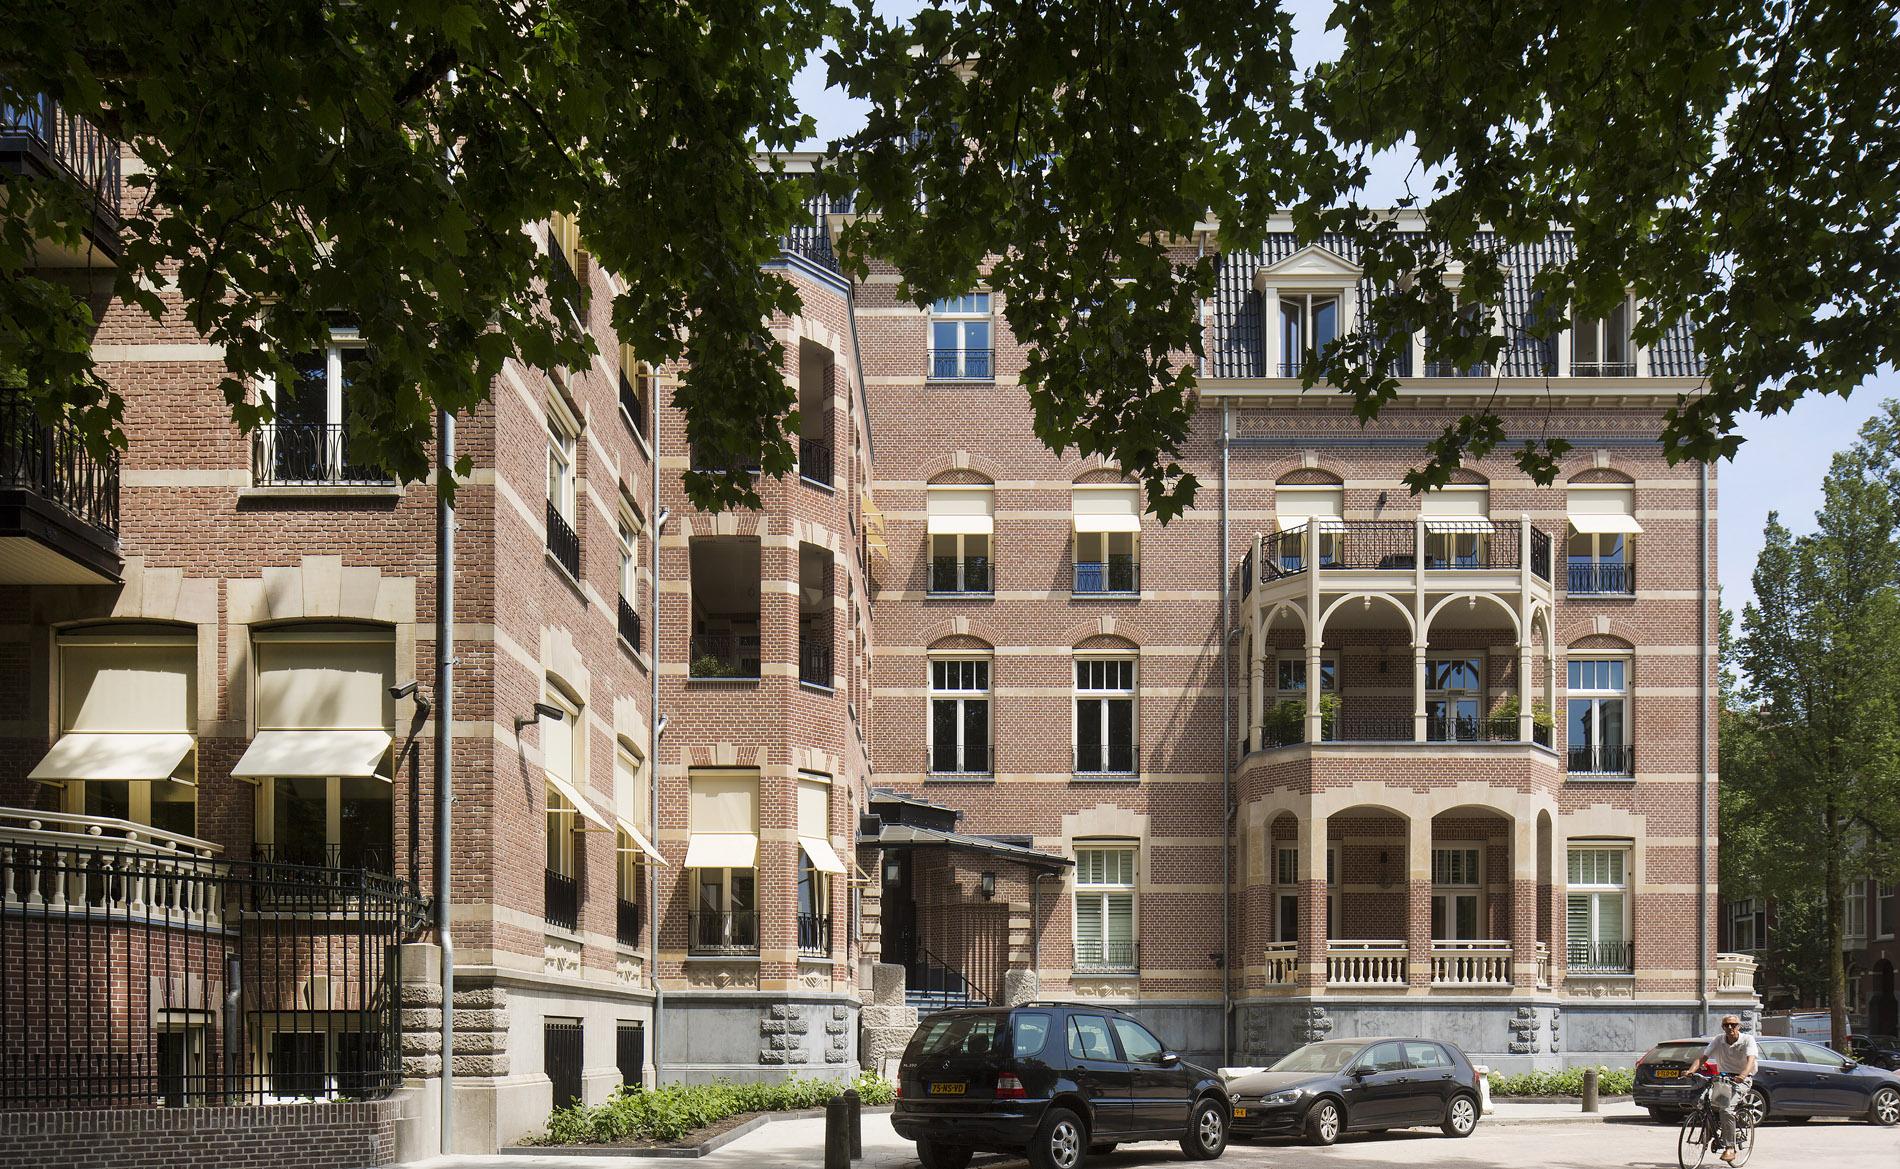 nieuwbouwprijs appartementen La Reine Amsterdam architect Ton van 't Hoff BBHD architecten transformatie